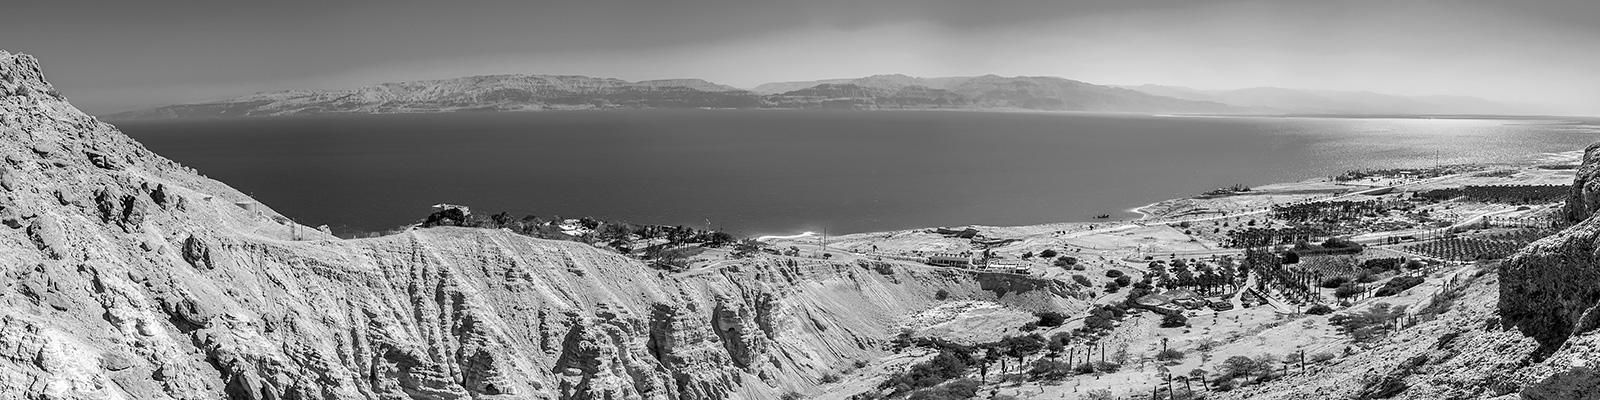 ヨルダン渓谷 キブツ イメージ